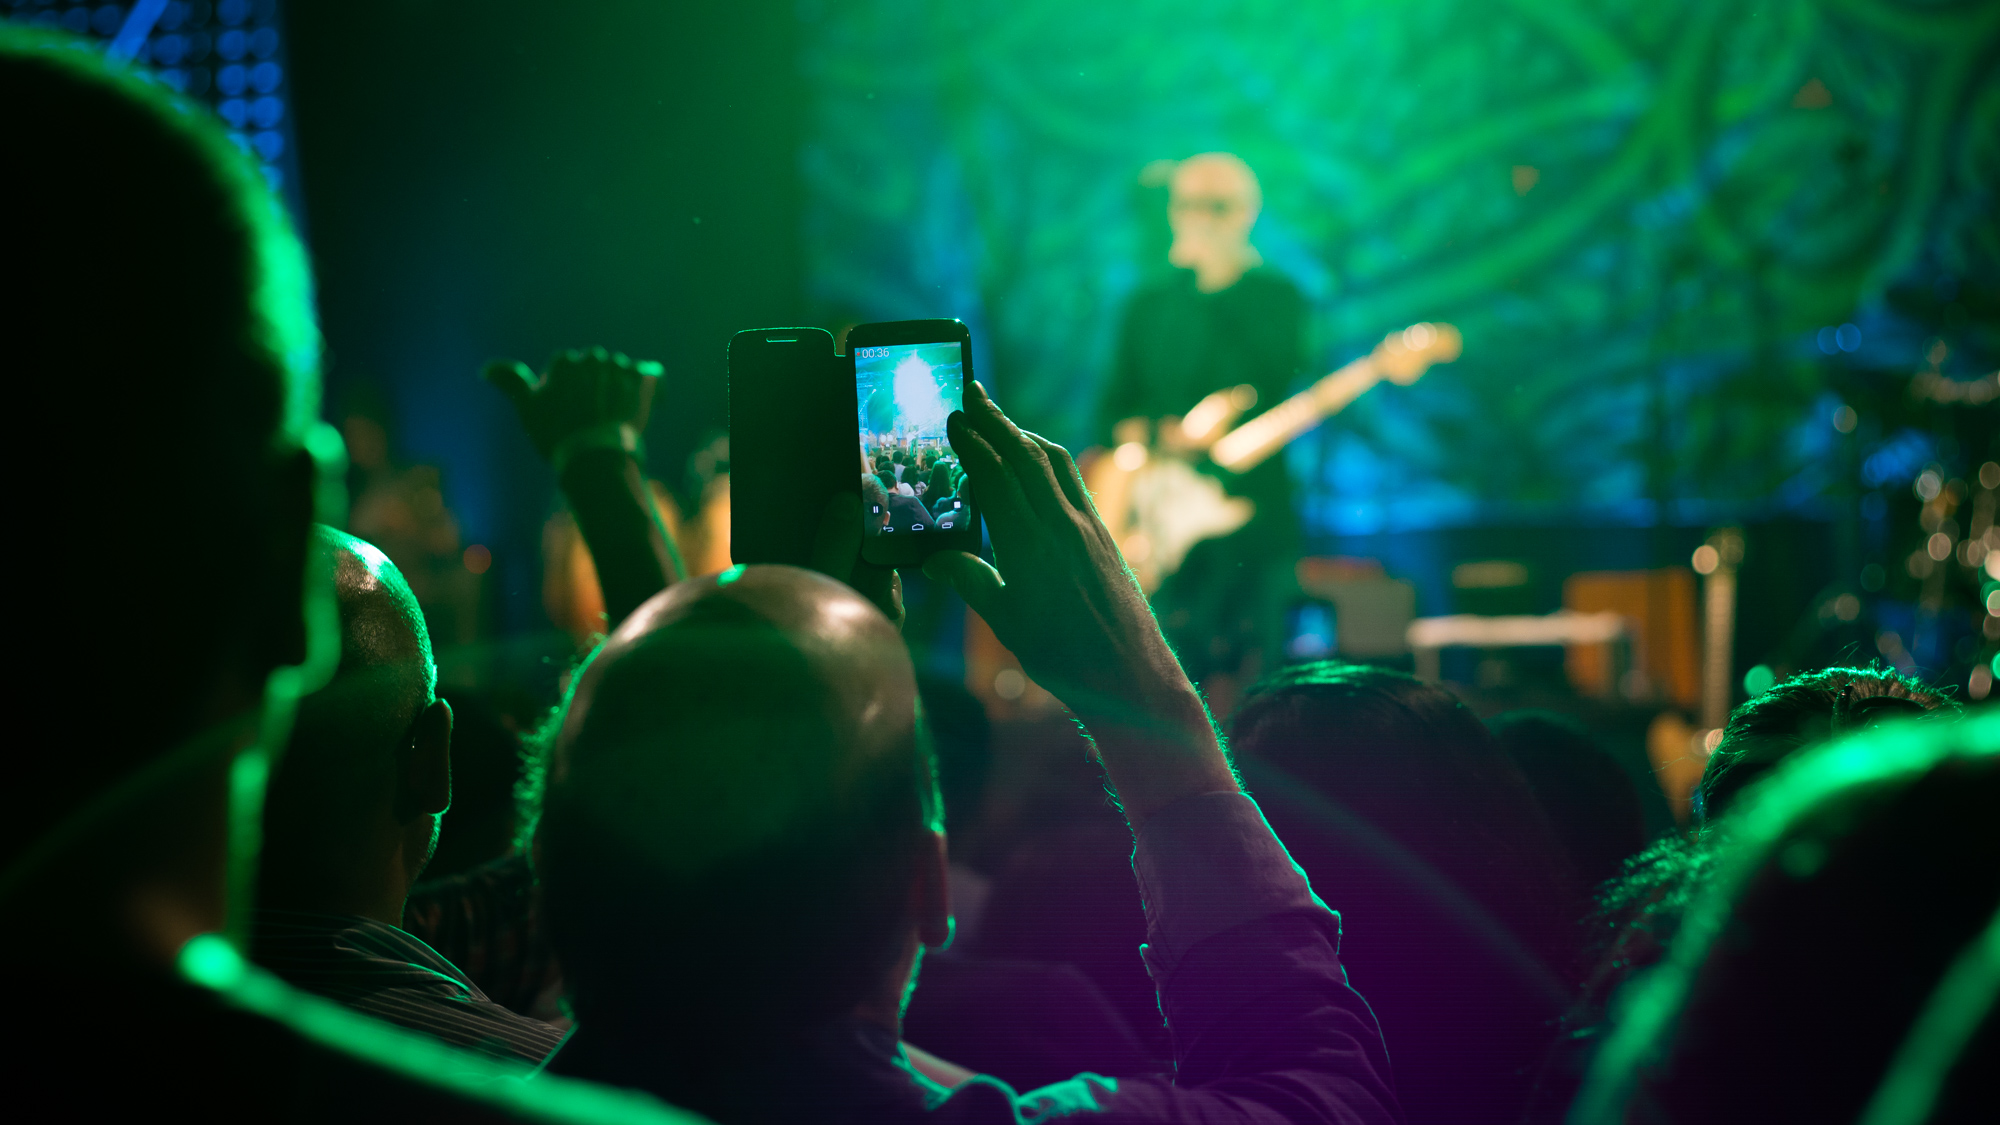 © Javier García-Rosell.Una de las tantas personas que nos encontramos en un concierto haciendo fotos o grabándolo. Al momento de la foto ya tenía grabados 36 segundos de canción (la grabó toda...)